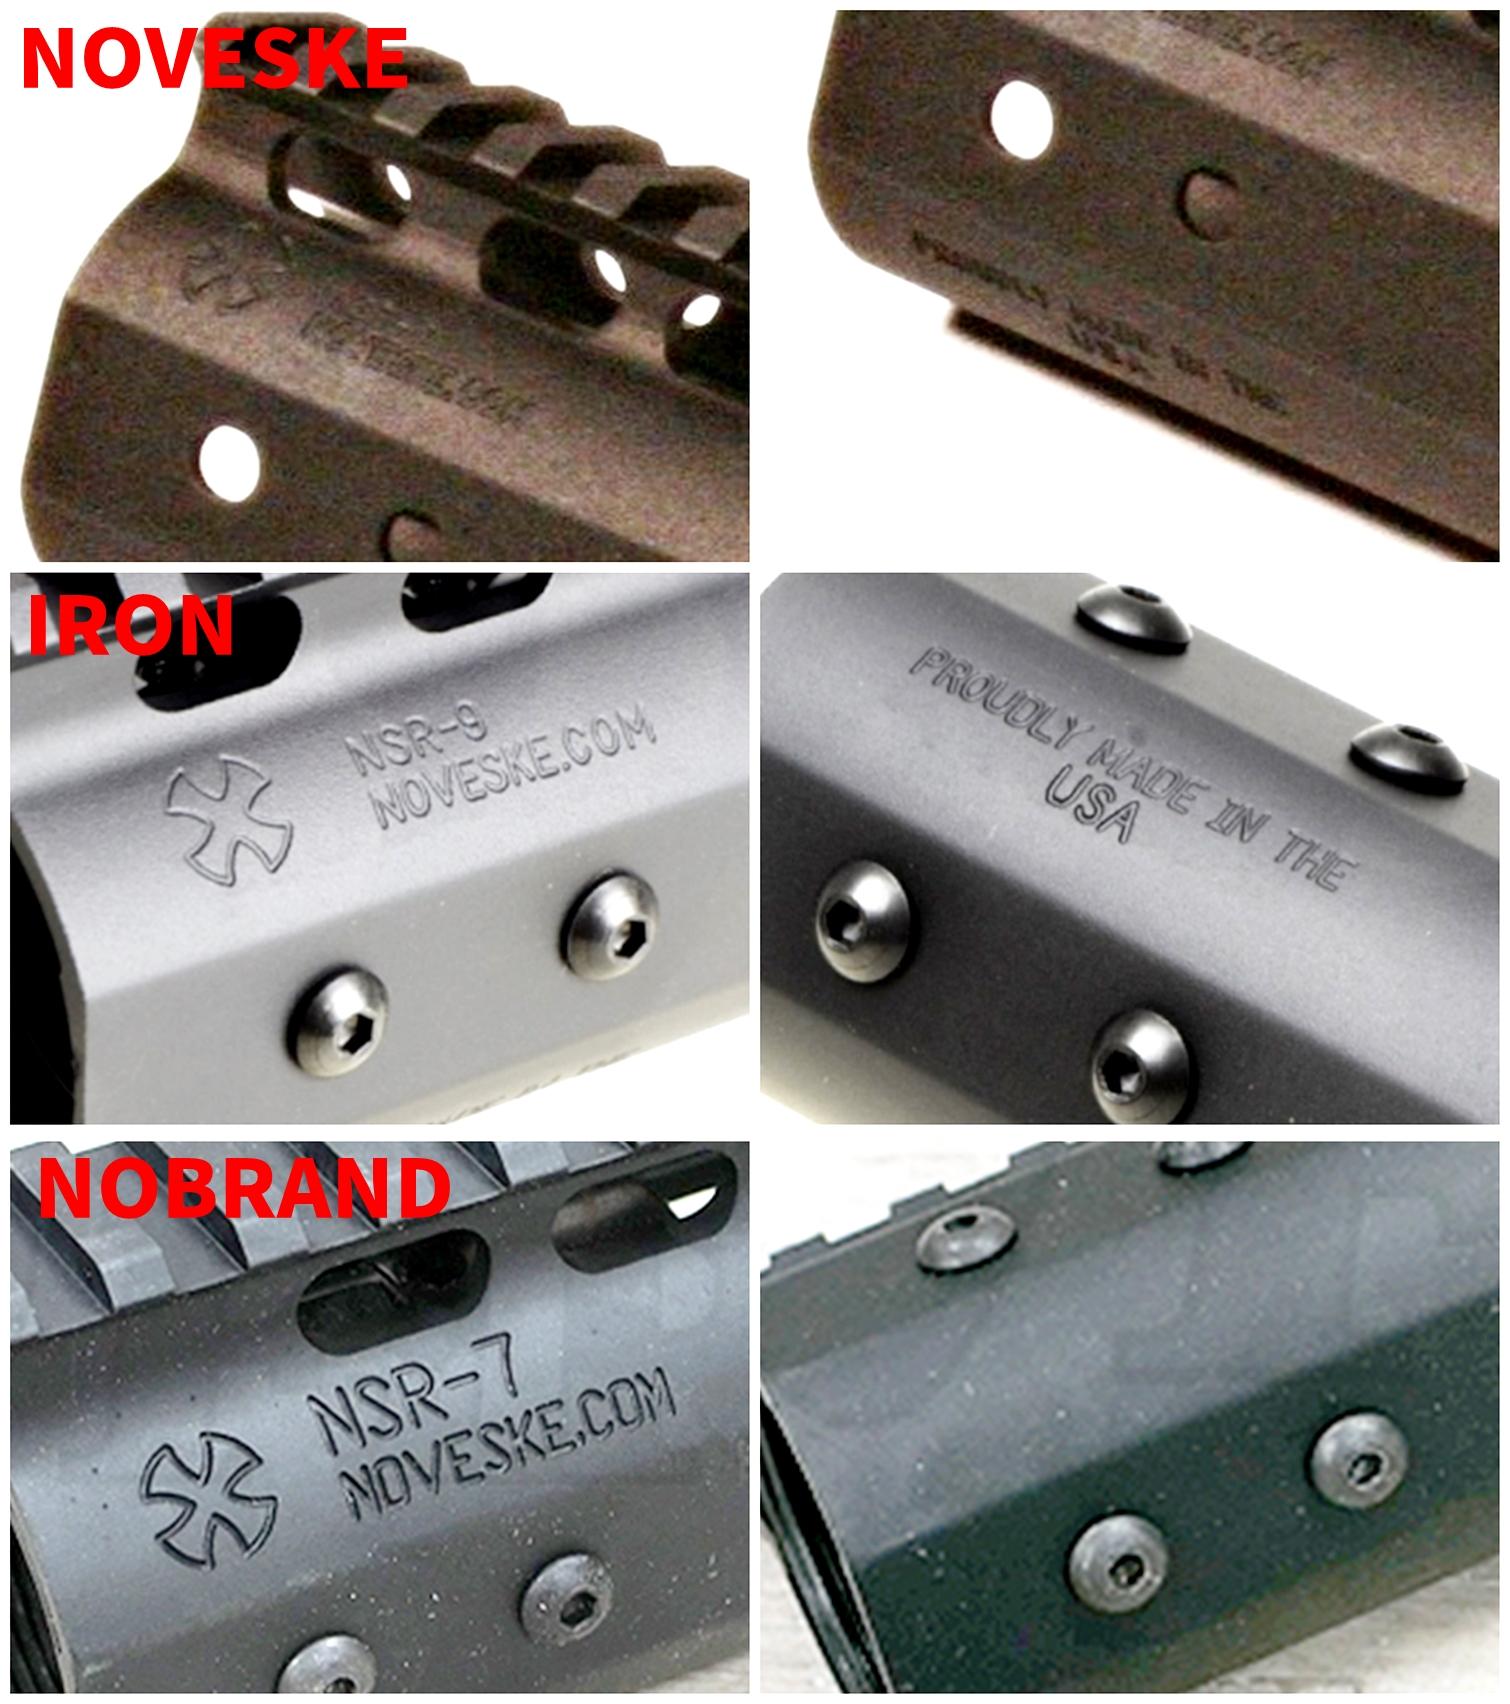 35 『微々たる変化』と『微々たる進化』 IRON vs 5KU M-LOK NSR NOVESKE TYPE N4 M4 AR15 ハンドガード 購入 分解 交換 検証 取付 レビュー